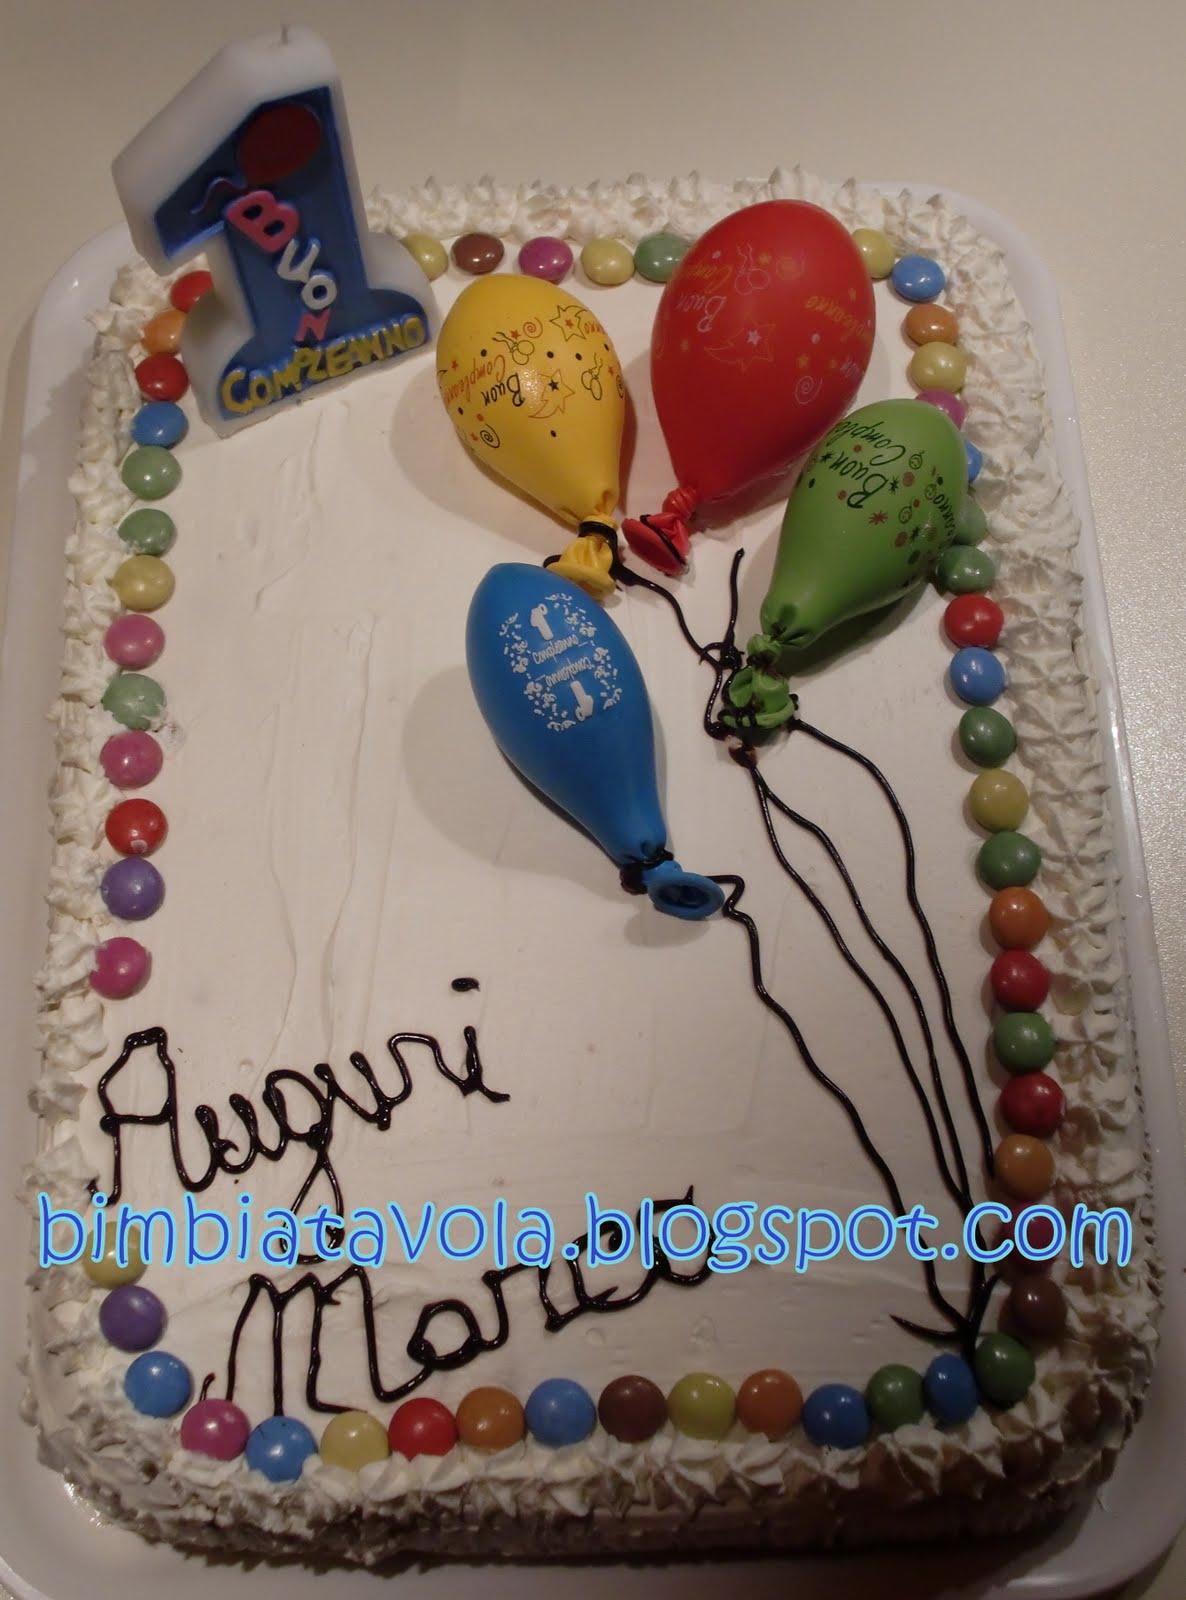 Bimbi A Tavola Un Anno Di Sorrisi Torta Primo Compleanno Palloncini